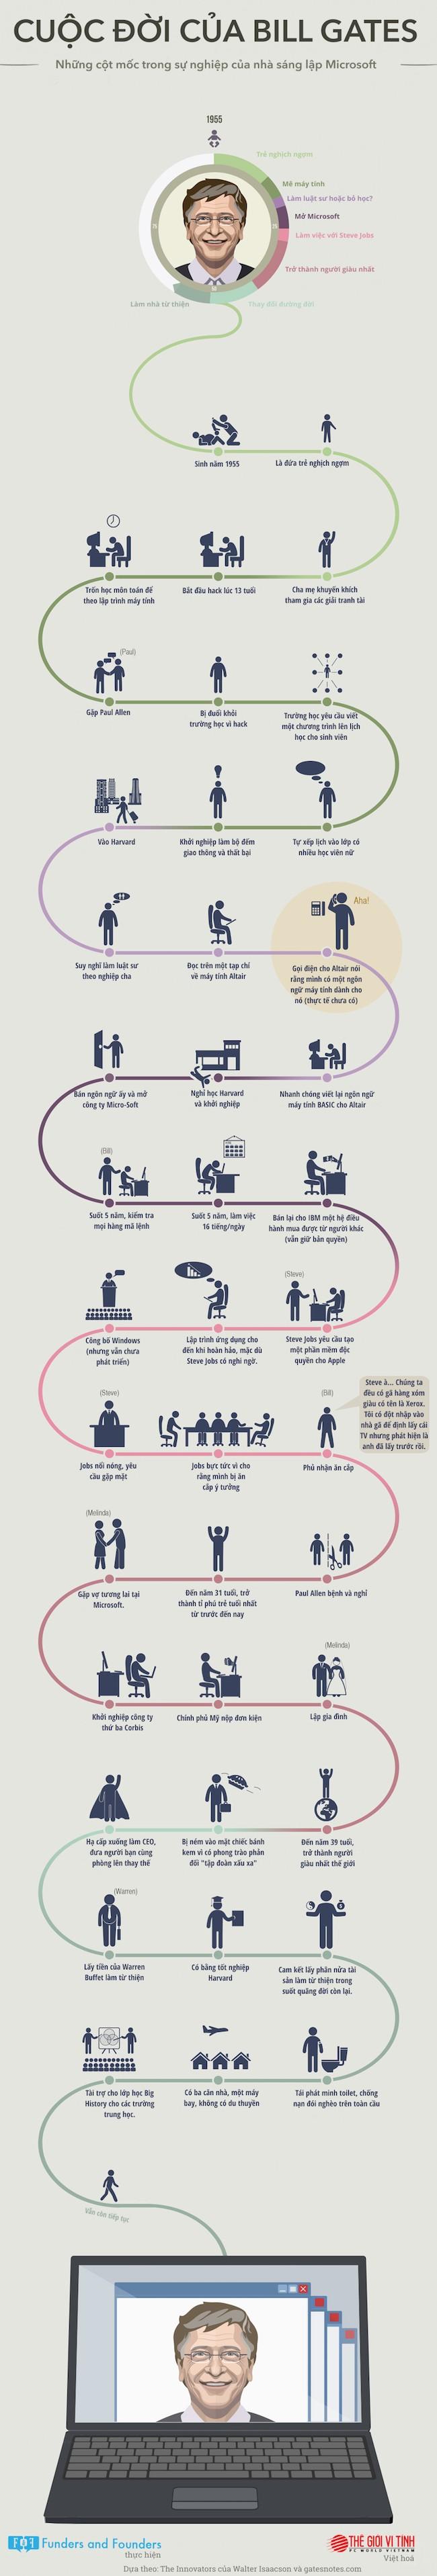 Sự nghiệp của Bill Gates qua infographic ảnh 1